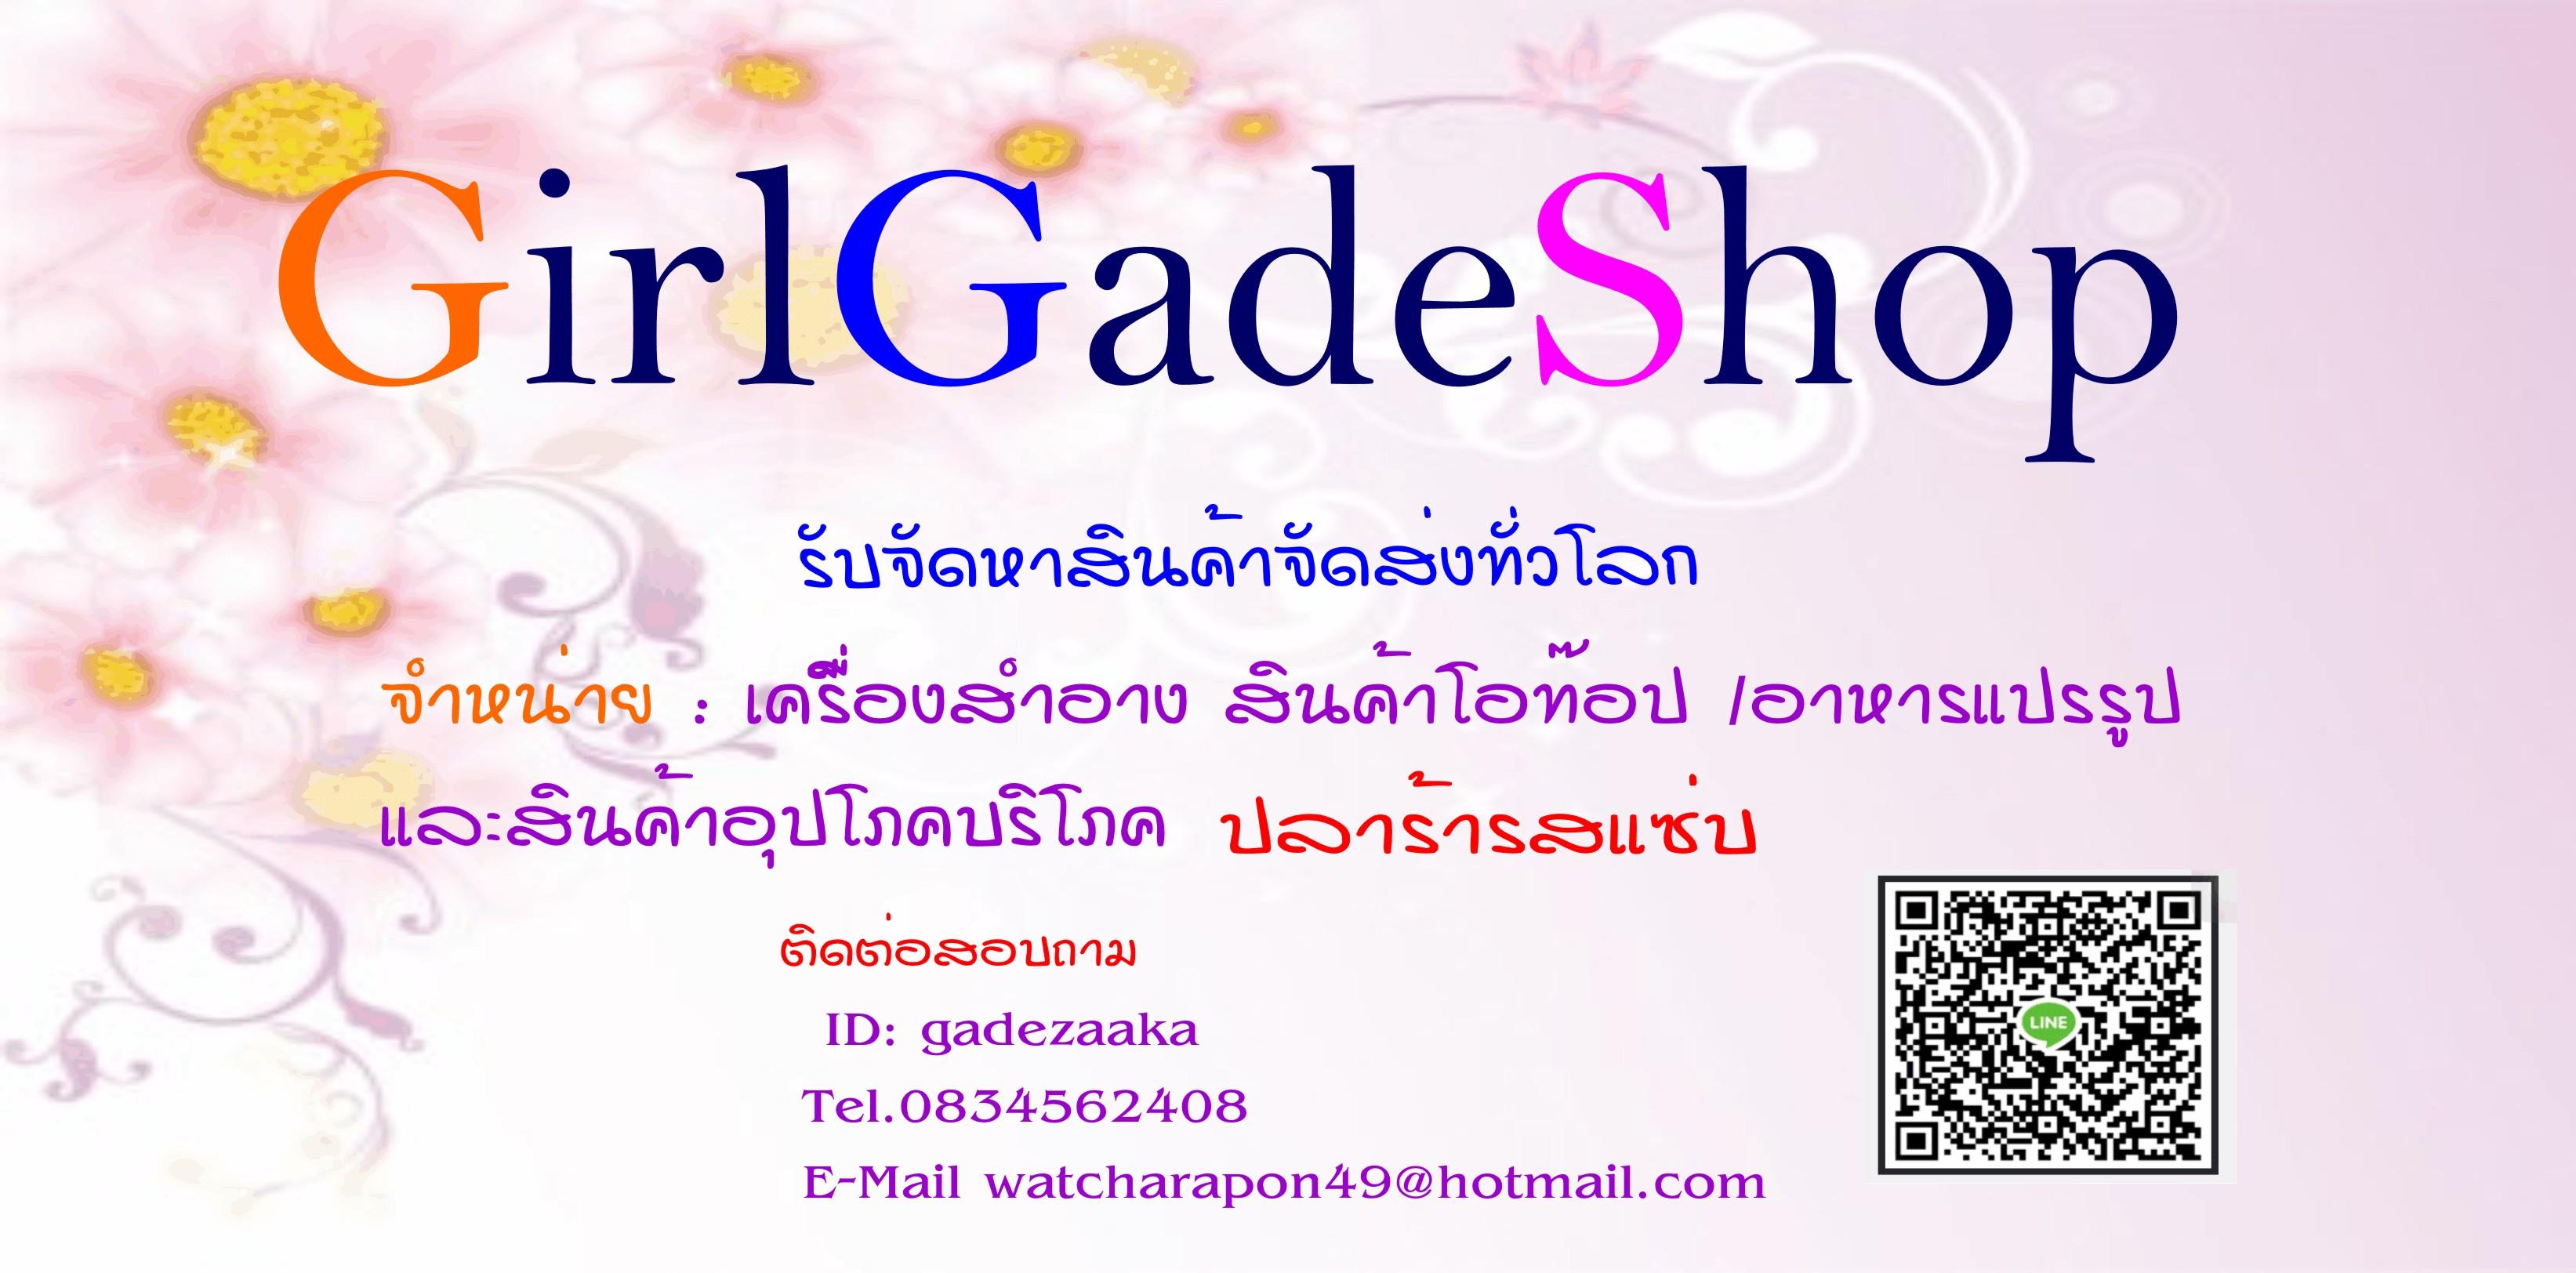 GirlGadeShop